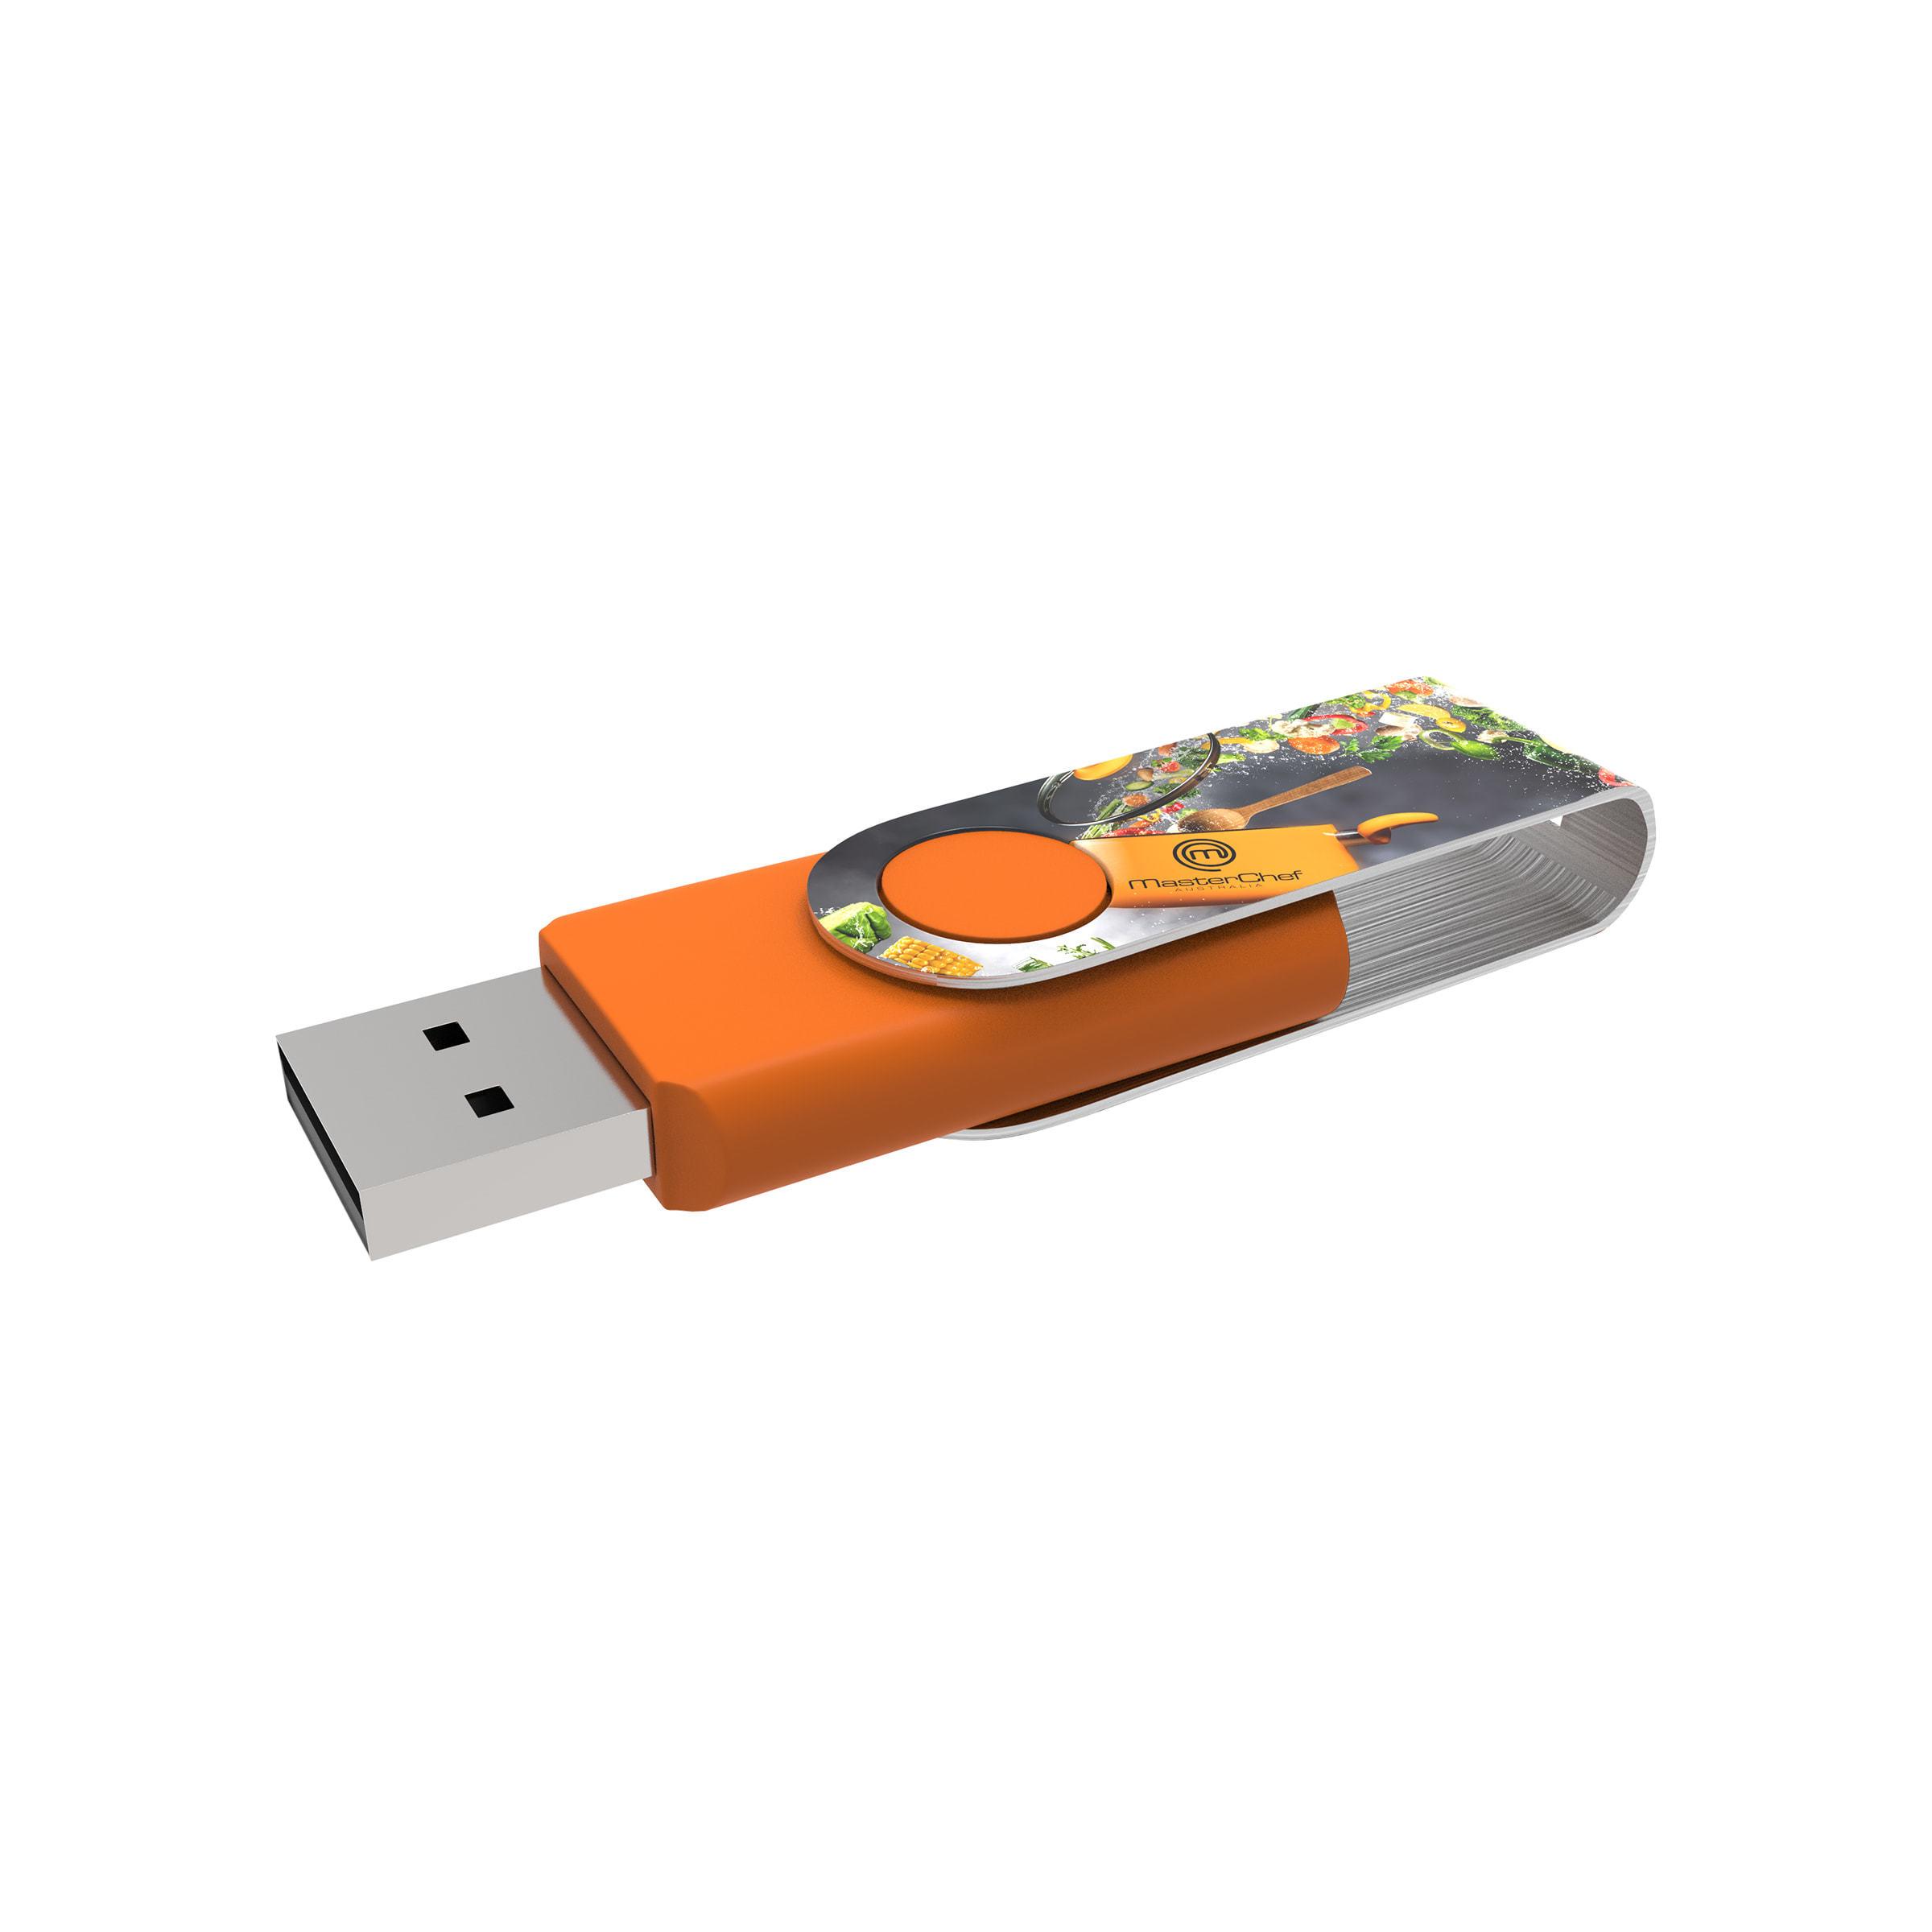 Clé USB Twister avec marquage intégral - 21-1073-19